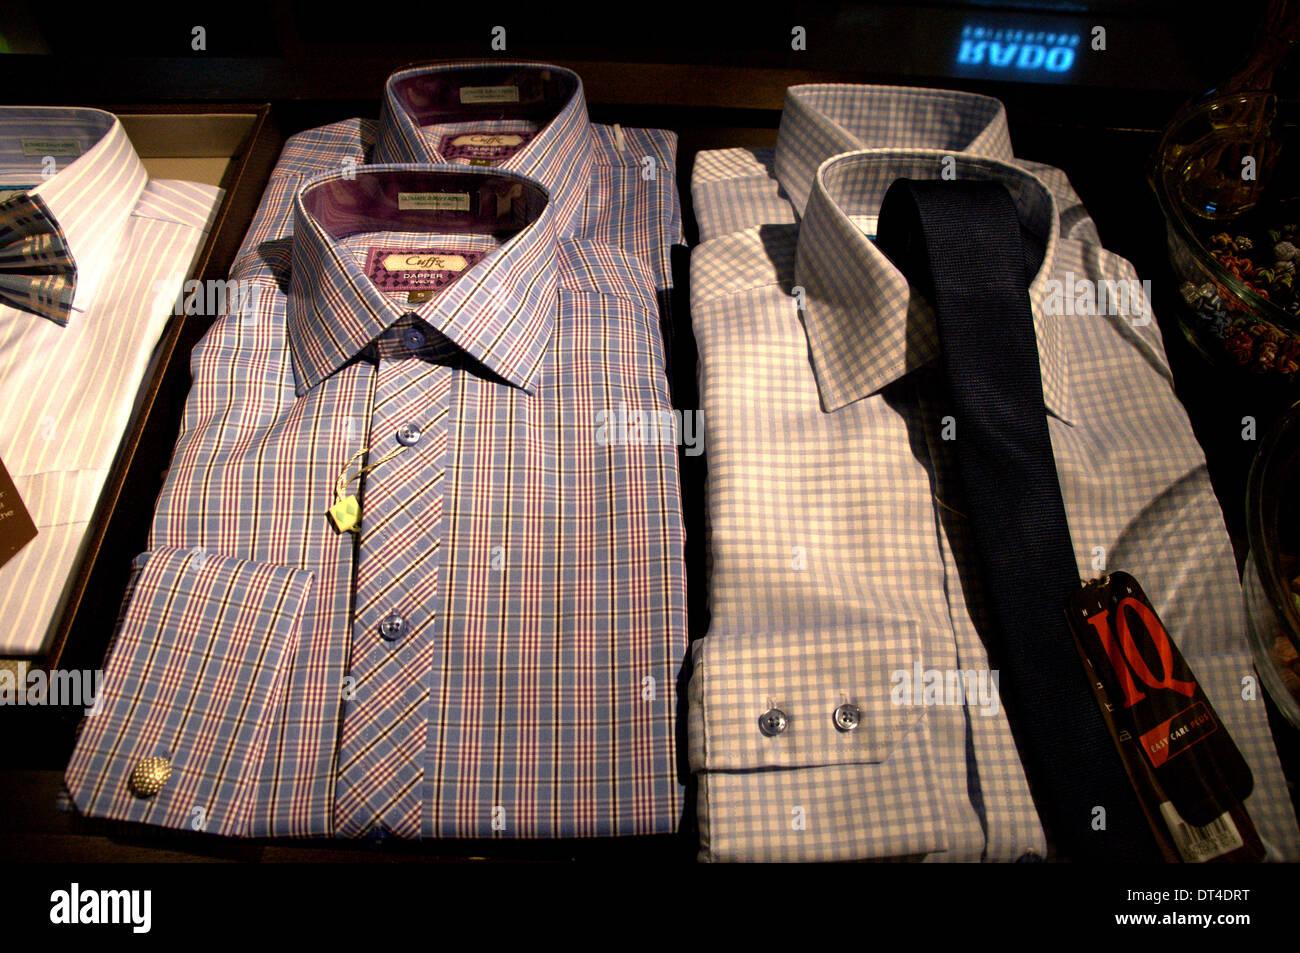 Gli uomini shirt sul display negli uomini la boutique in KLCC, Kuala Lumpur Immagini Stock